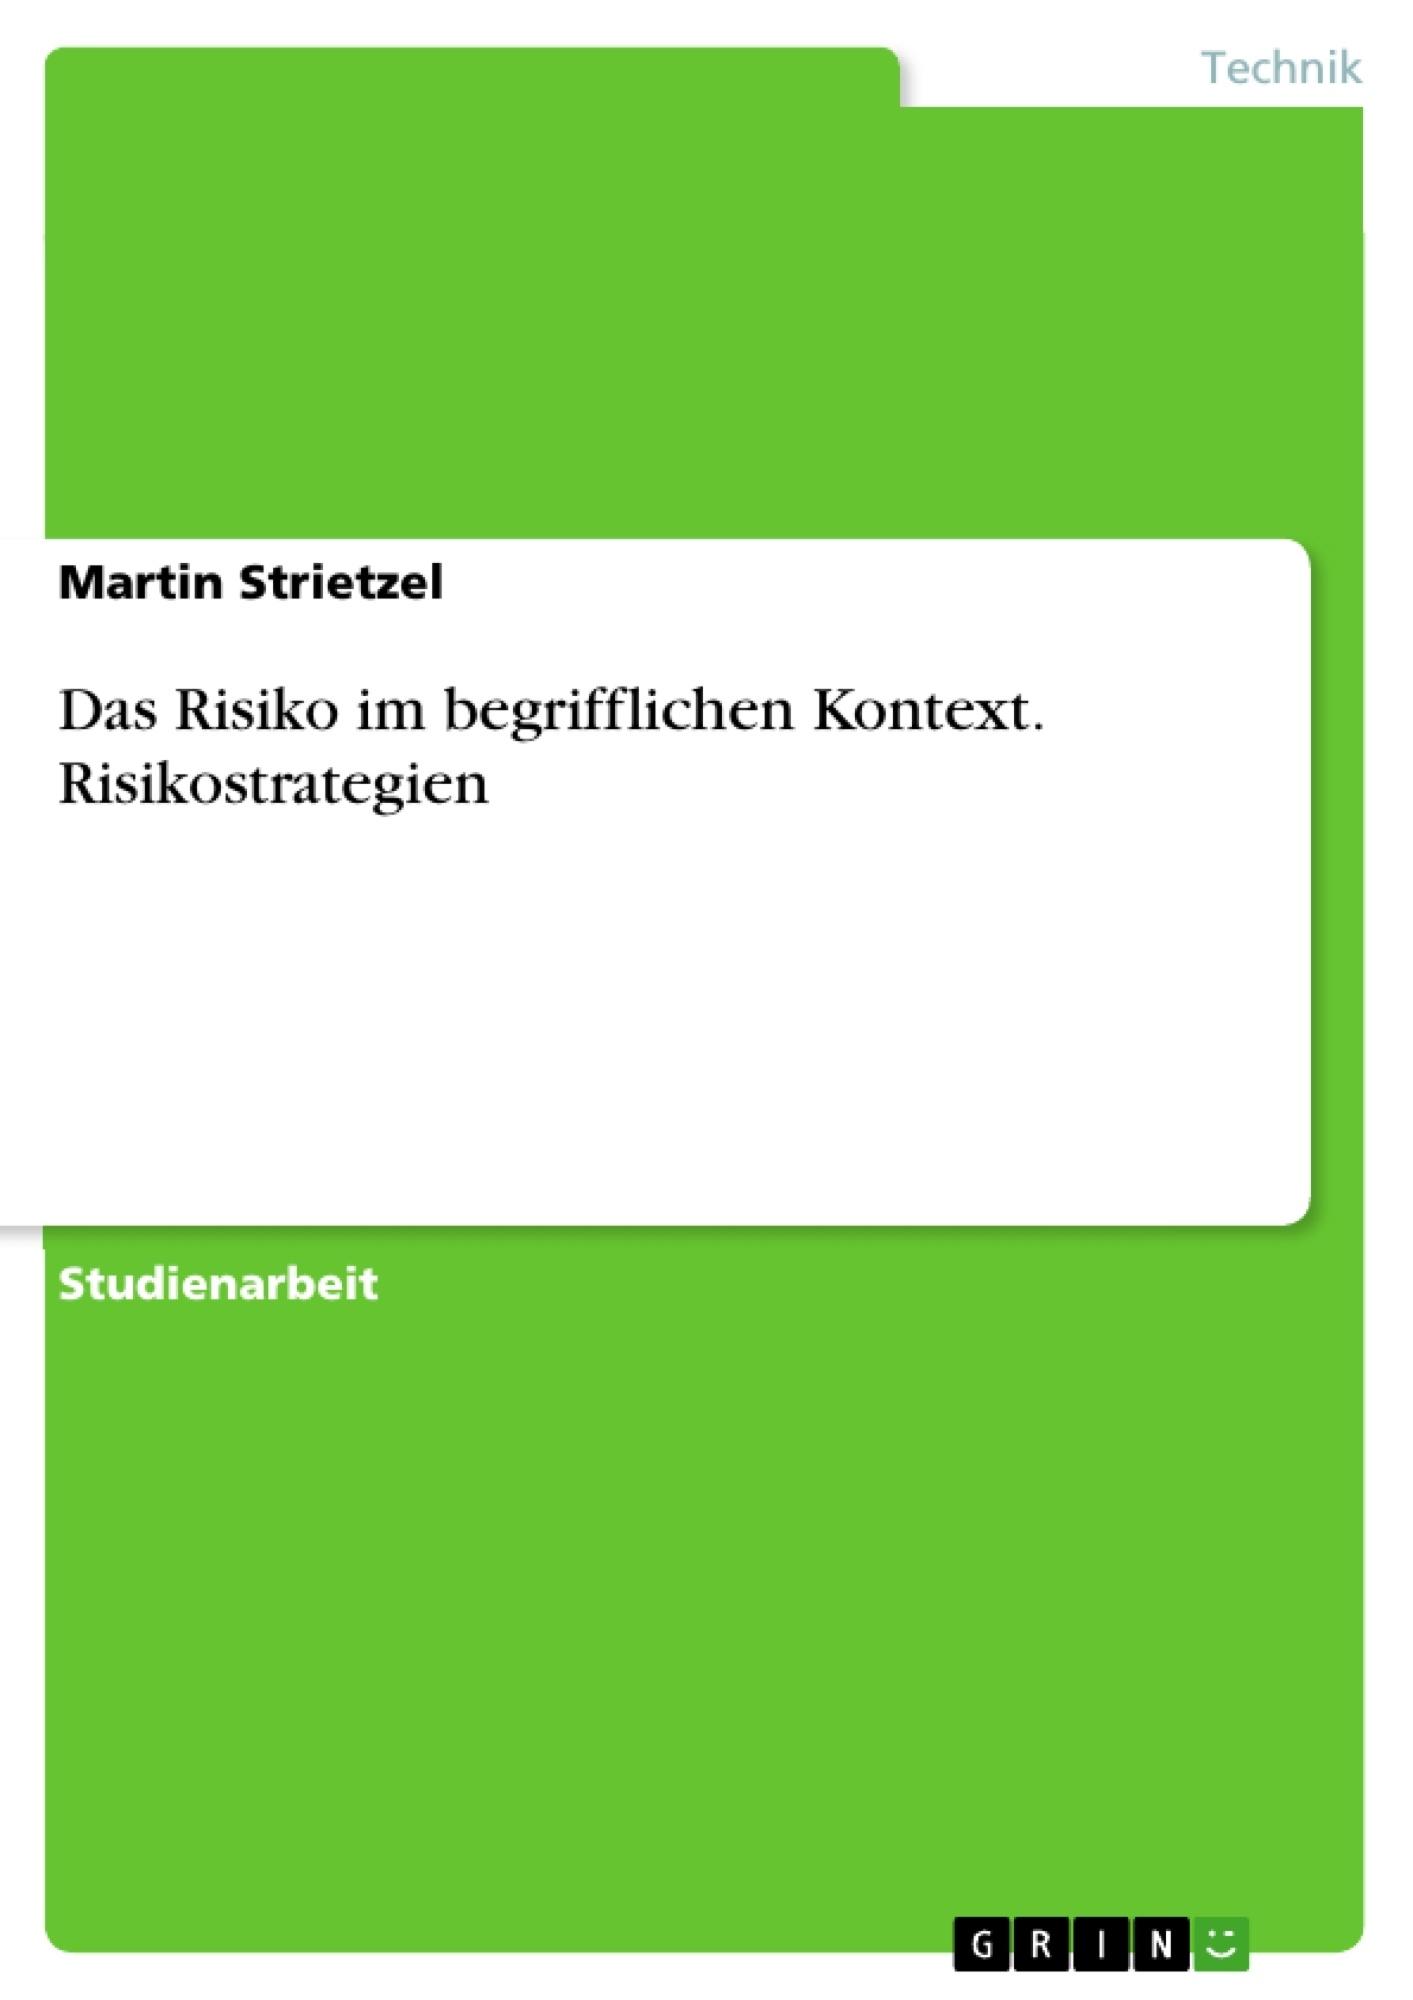 Titel: Das Risiko im begrifflichen Kontext. Risikostrategien